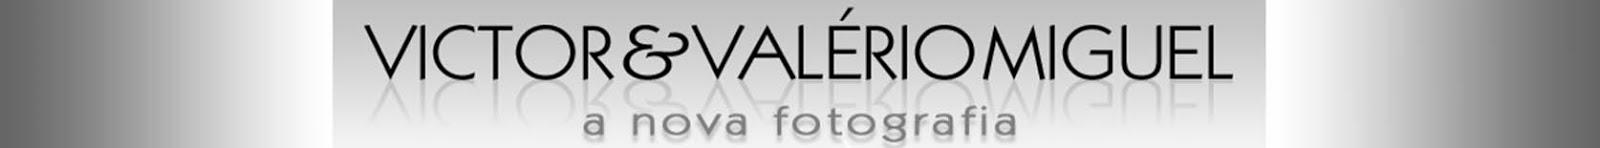 Victor e Val[erio Miguel